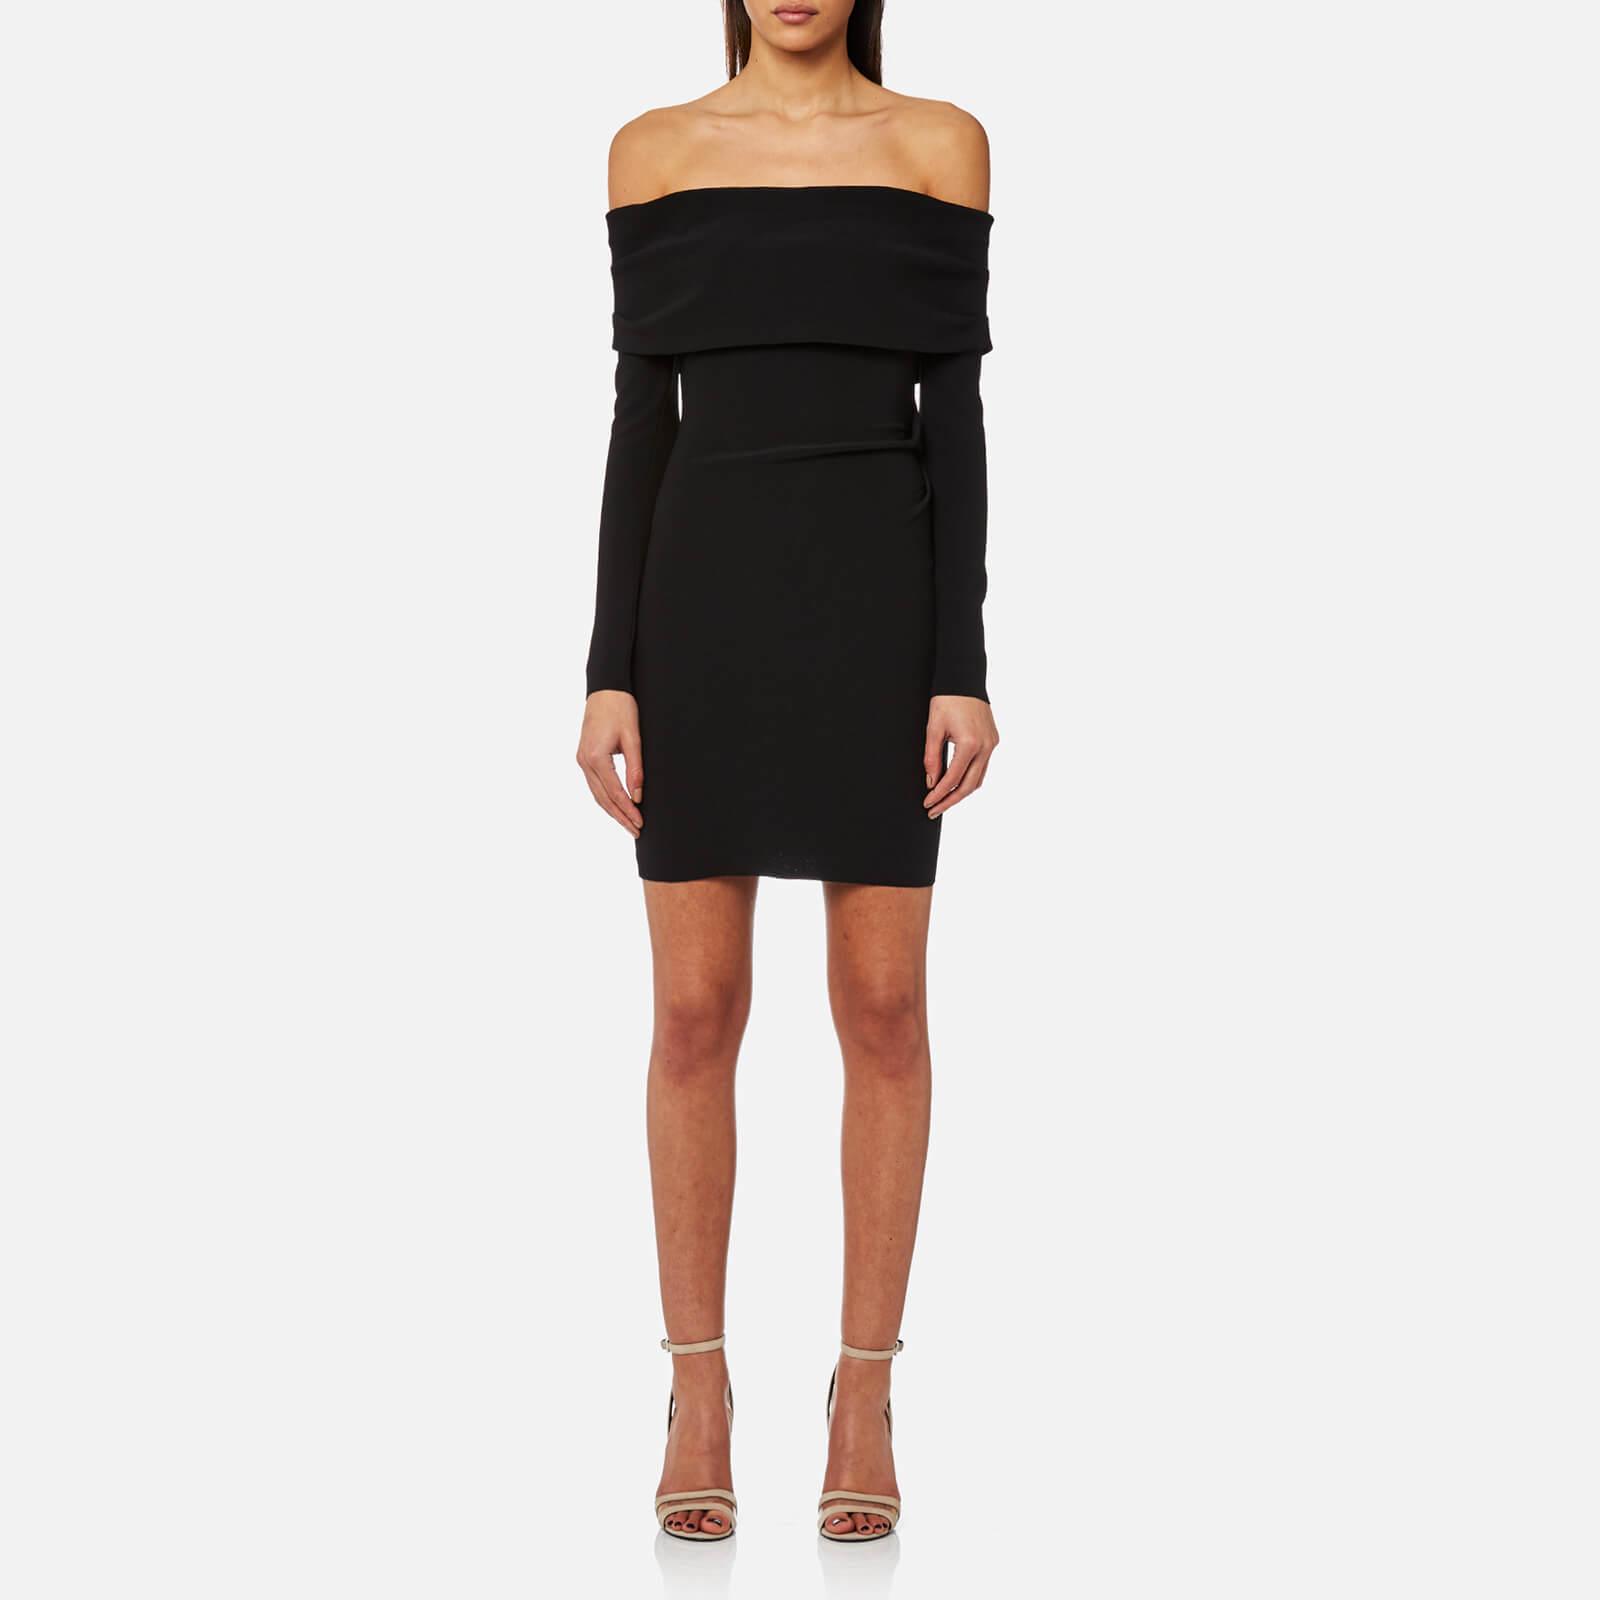 8d36e5c1e24f Bec & Bridge Women's Auriele Off the Shoulder Dress - Black - Free UK  Delivery over £50